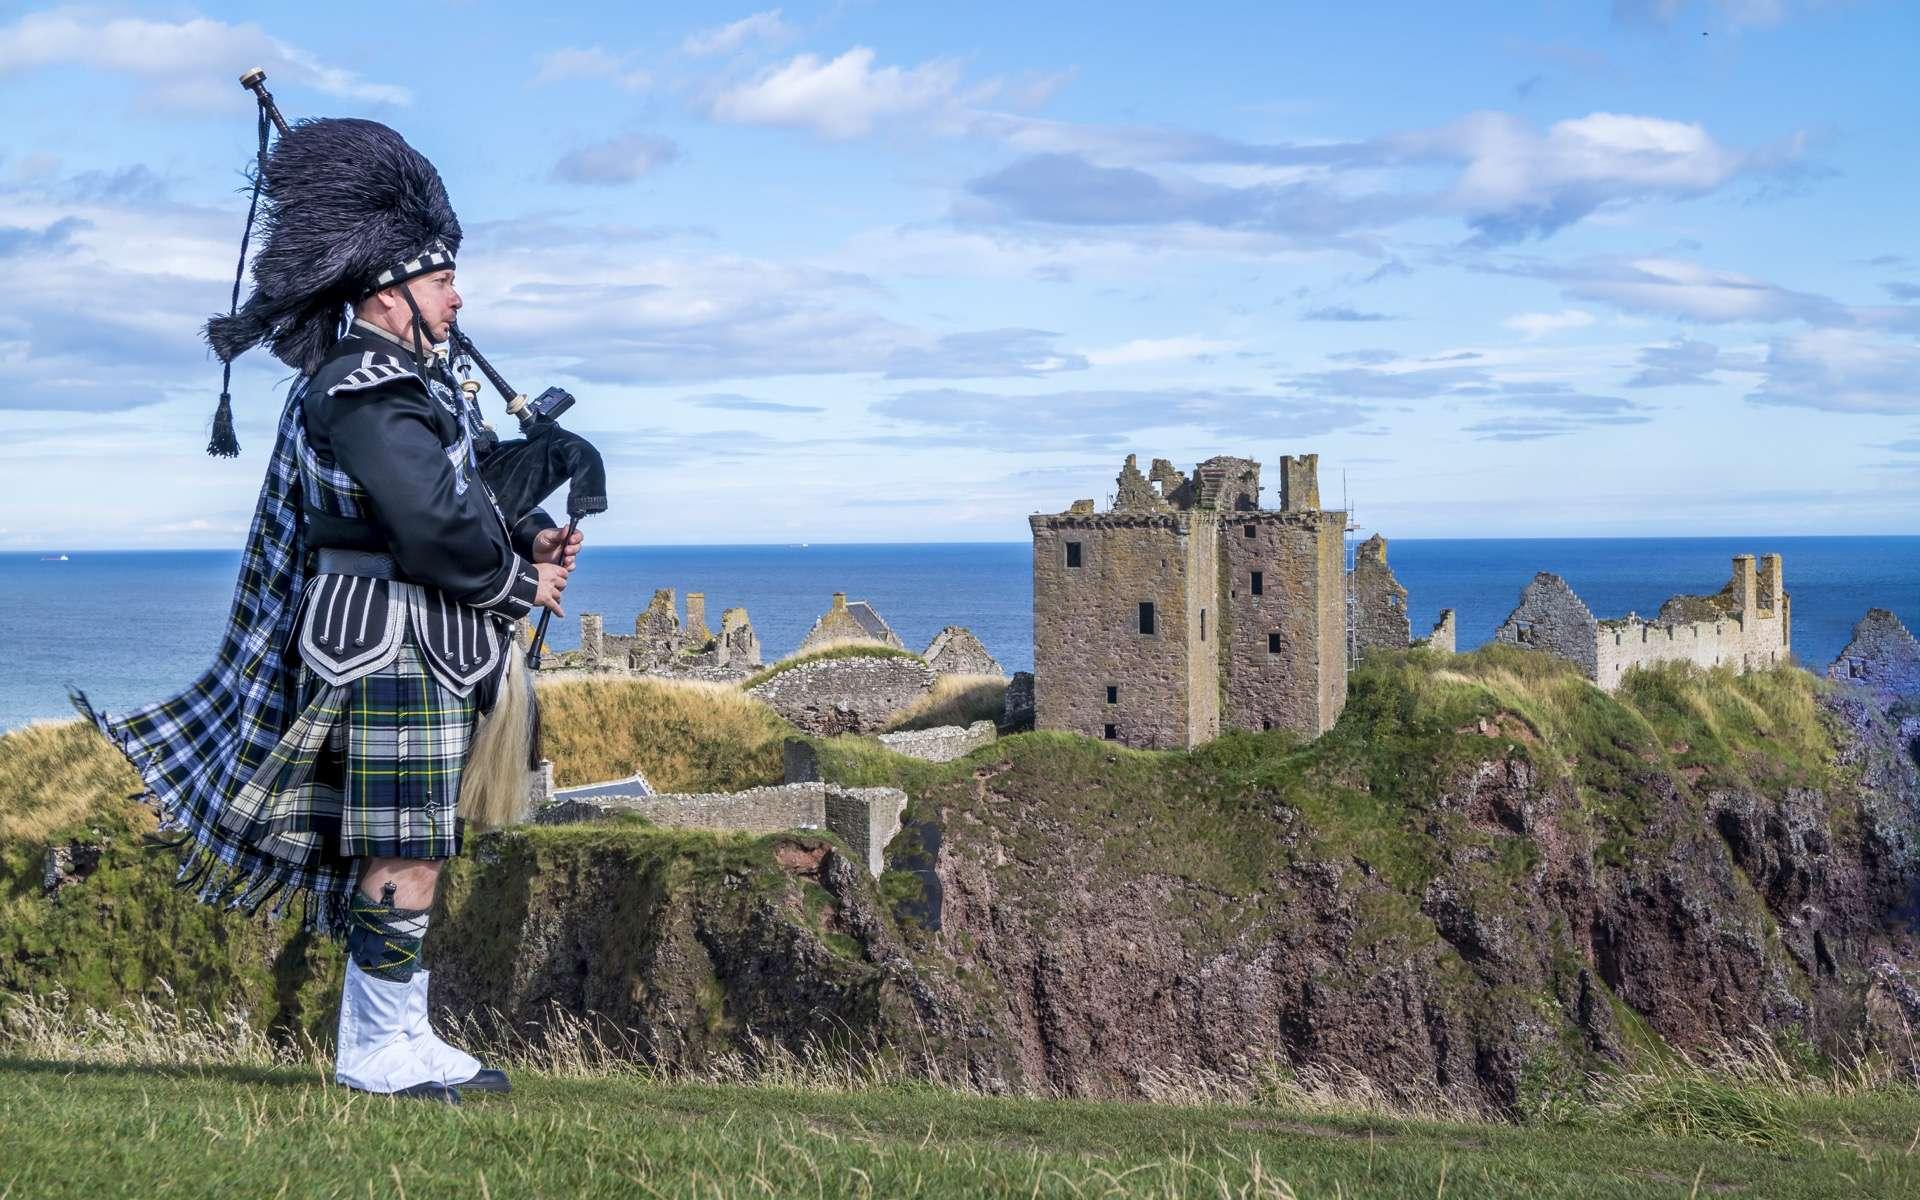 L'Écosse a dû se résoudre à rejoindre le Royaume-Uni en 1707 après des années de famine. © Lukassek, Adobe Stock